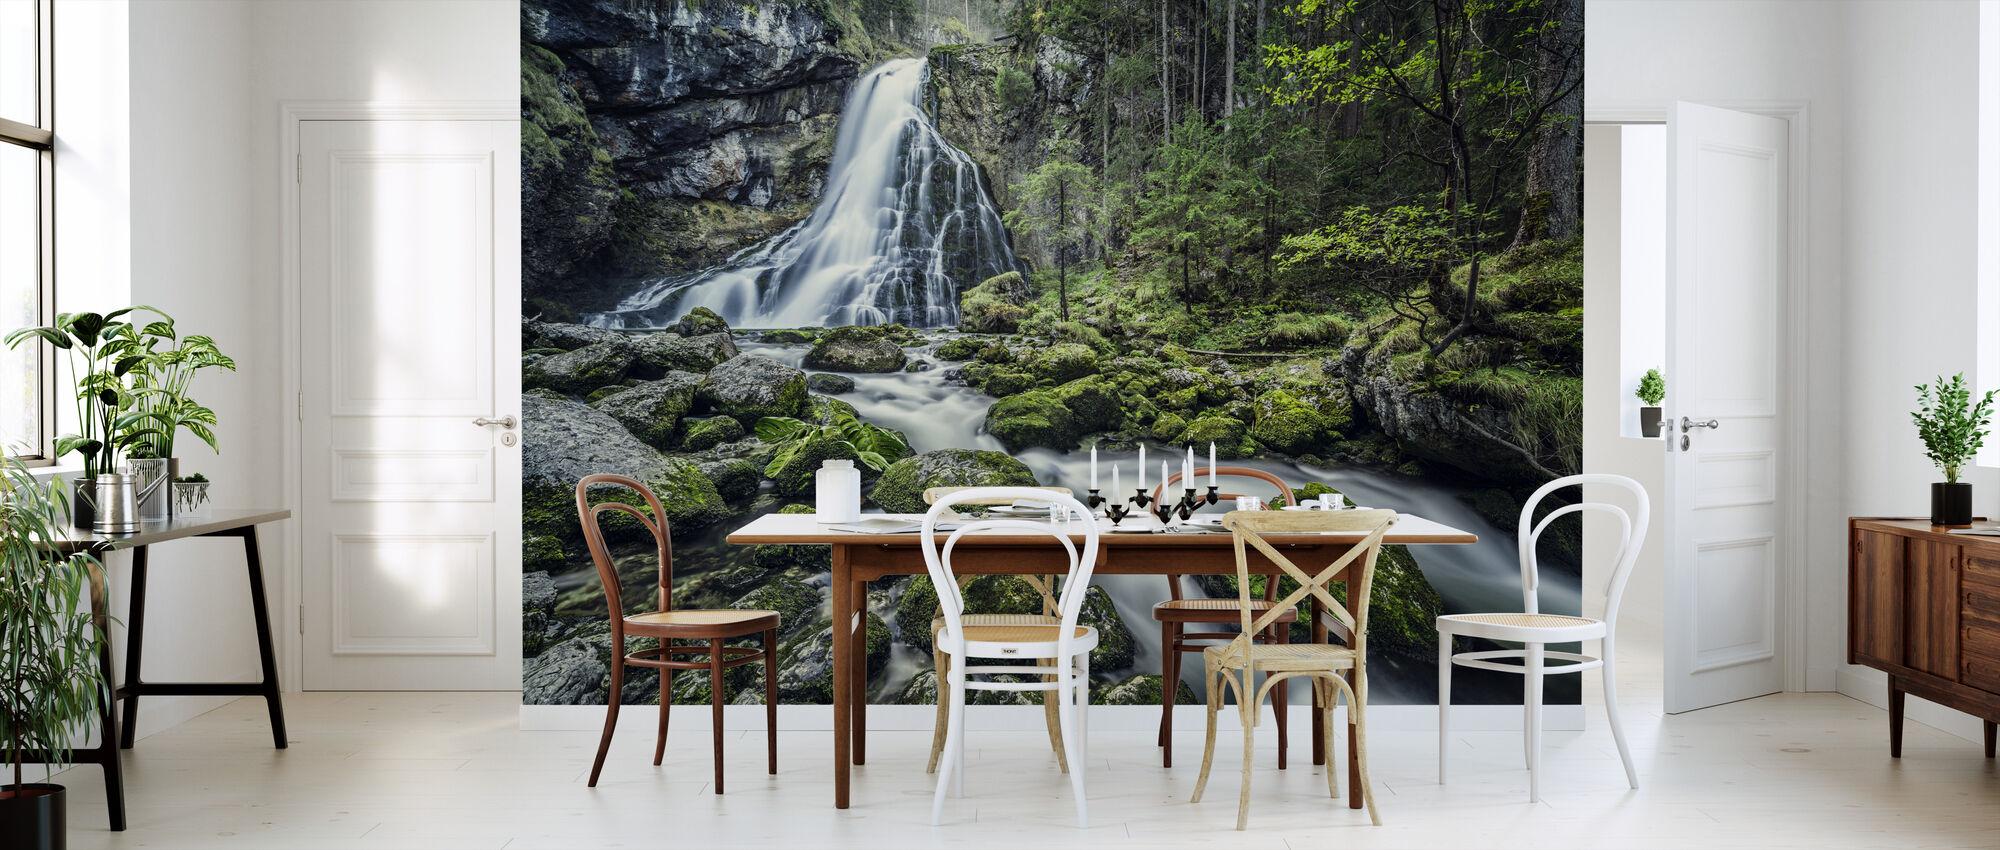 Waterfall Salzburg Austria - Wallpaper - Kitchen